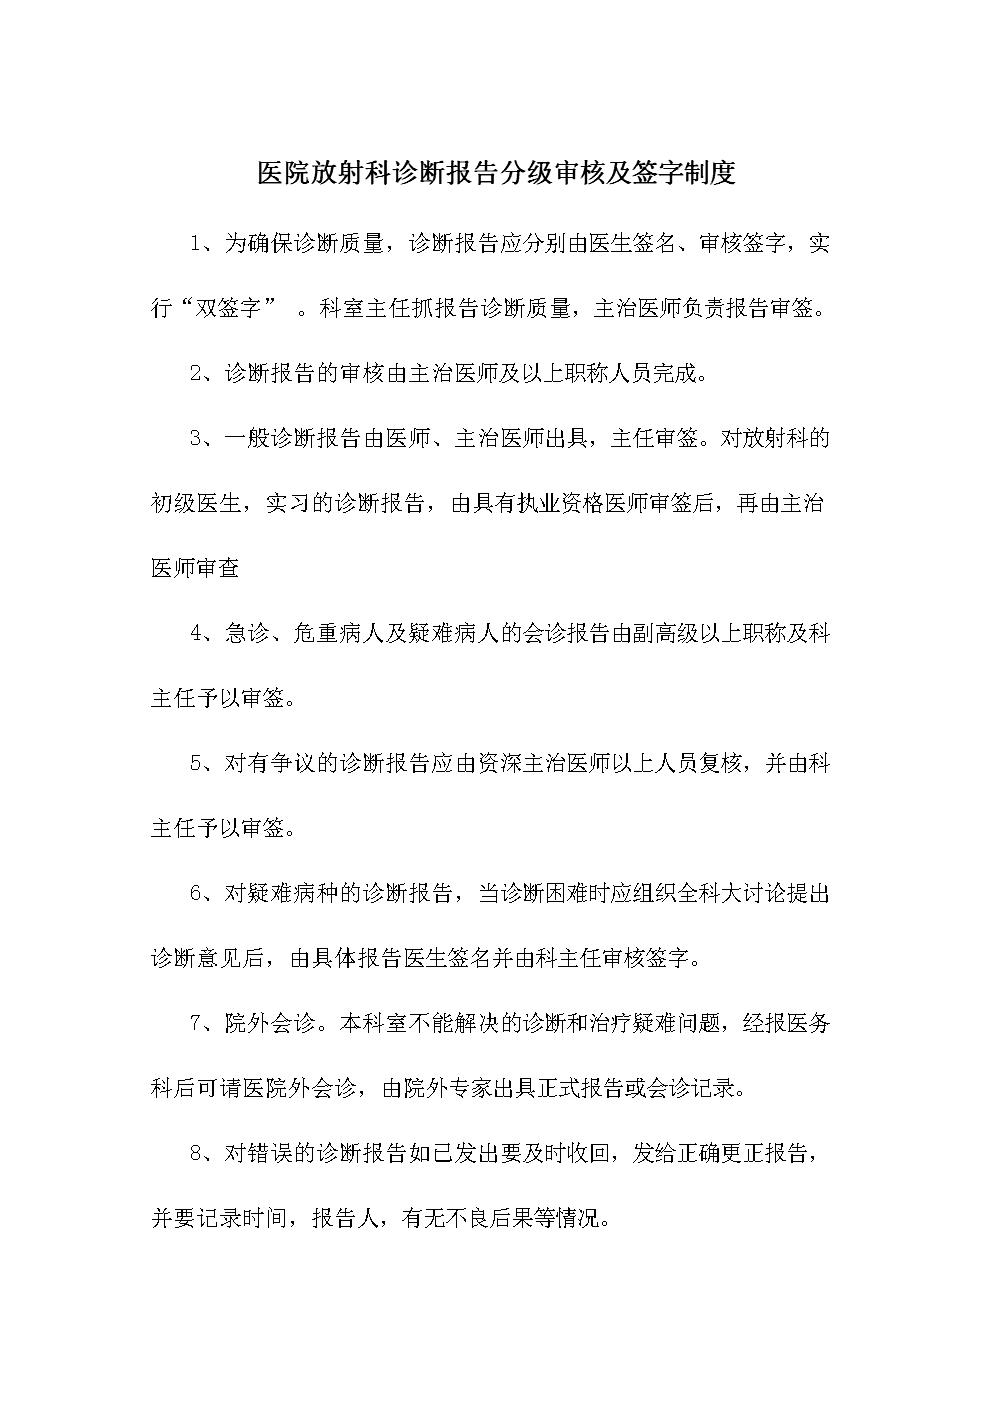 医院放射科诊断报告分级审核及签字制度.docx